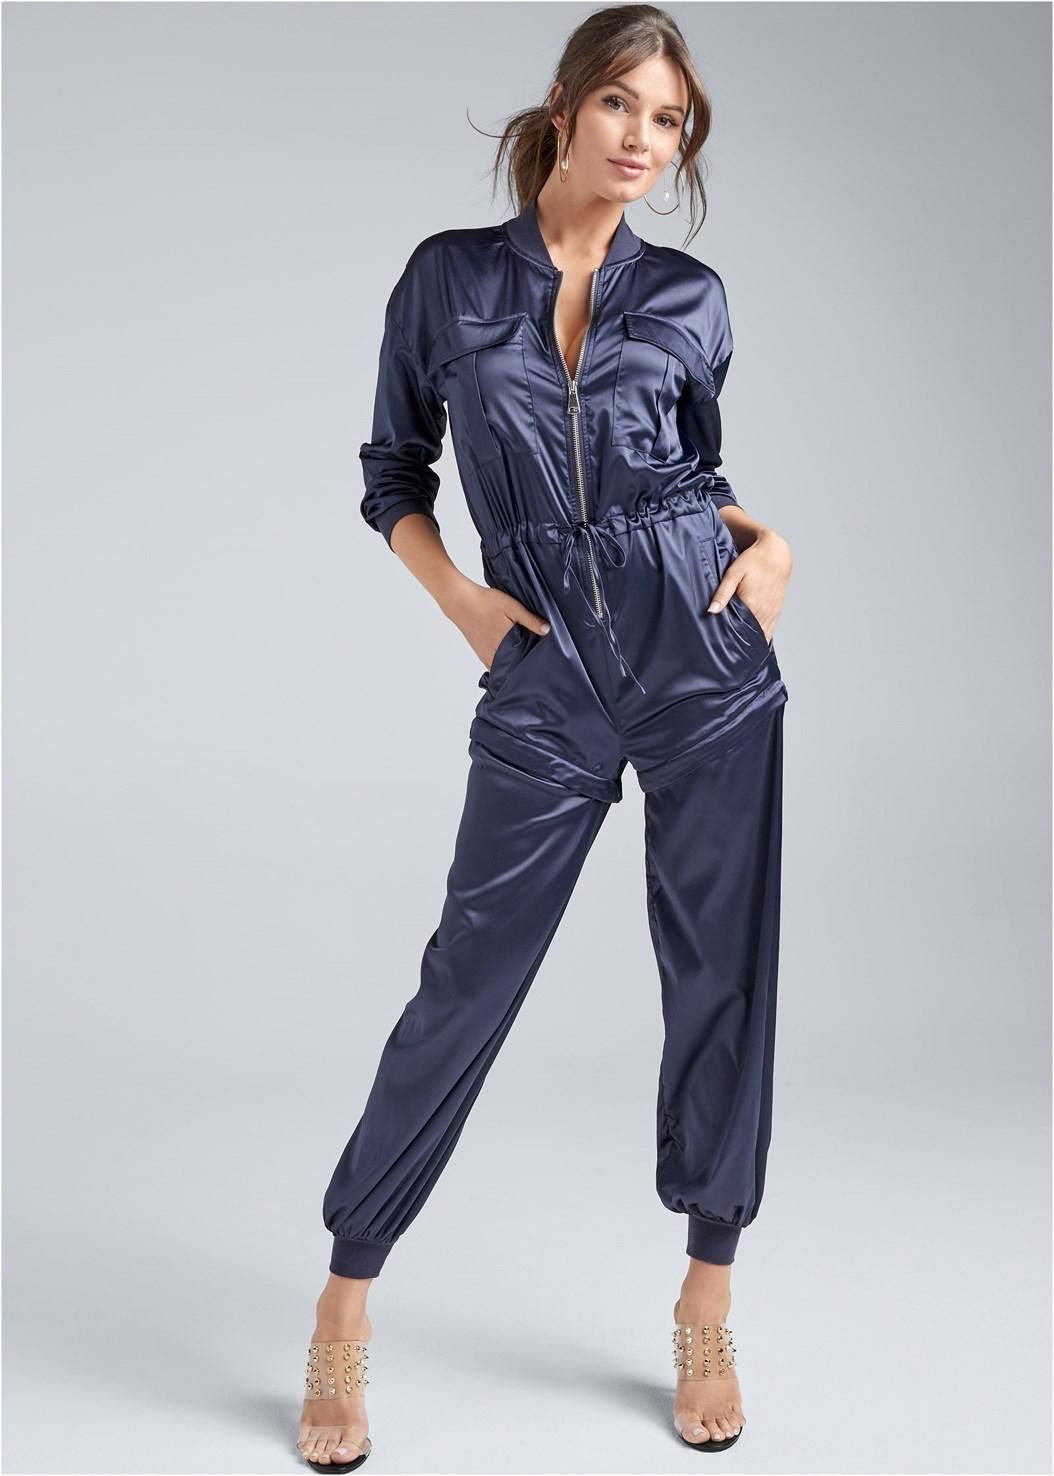 Satin Utility Jumpsuit,Embellished Lucite Heel